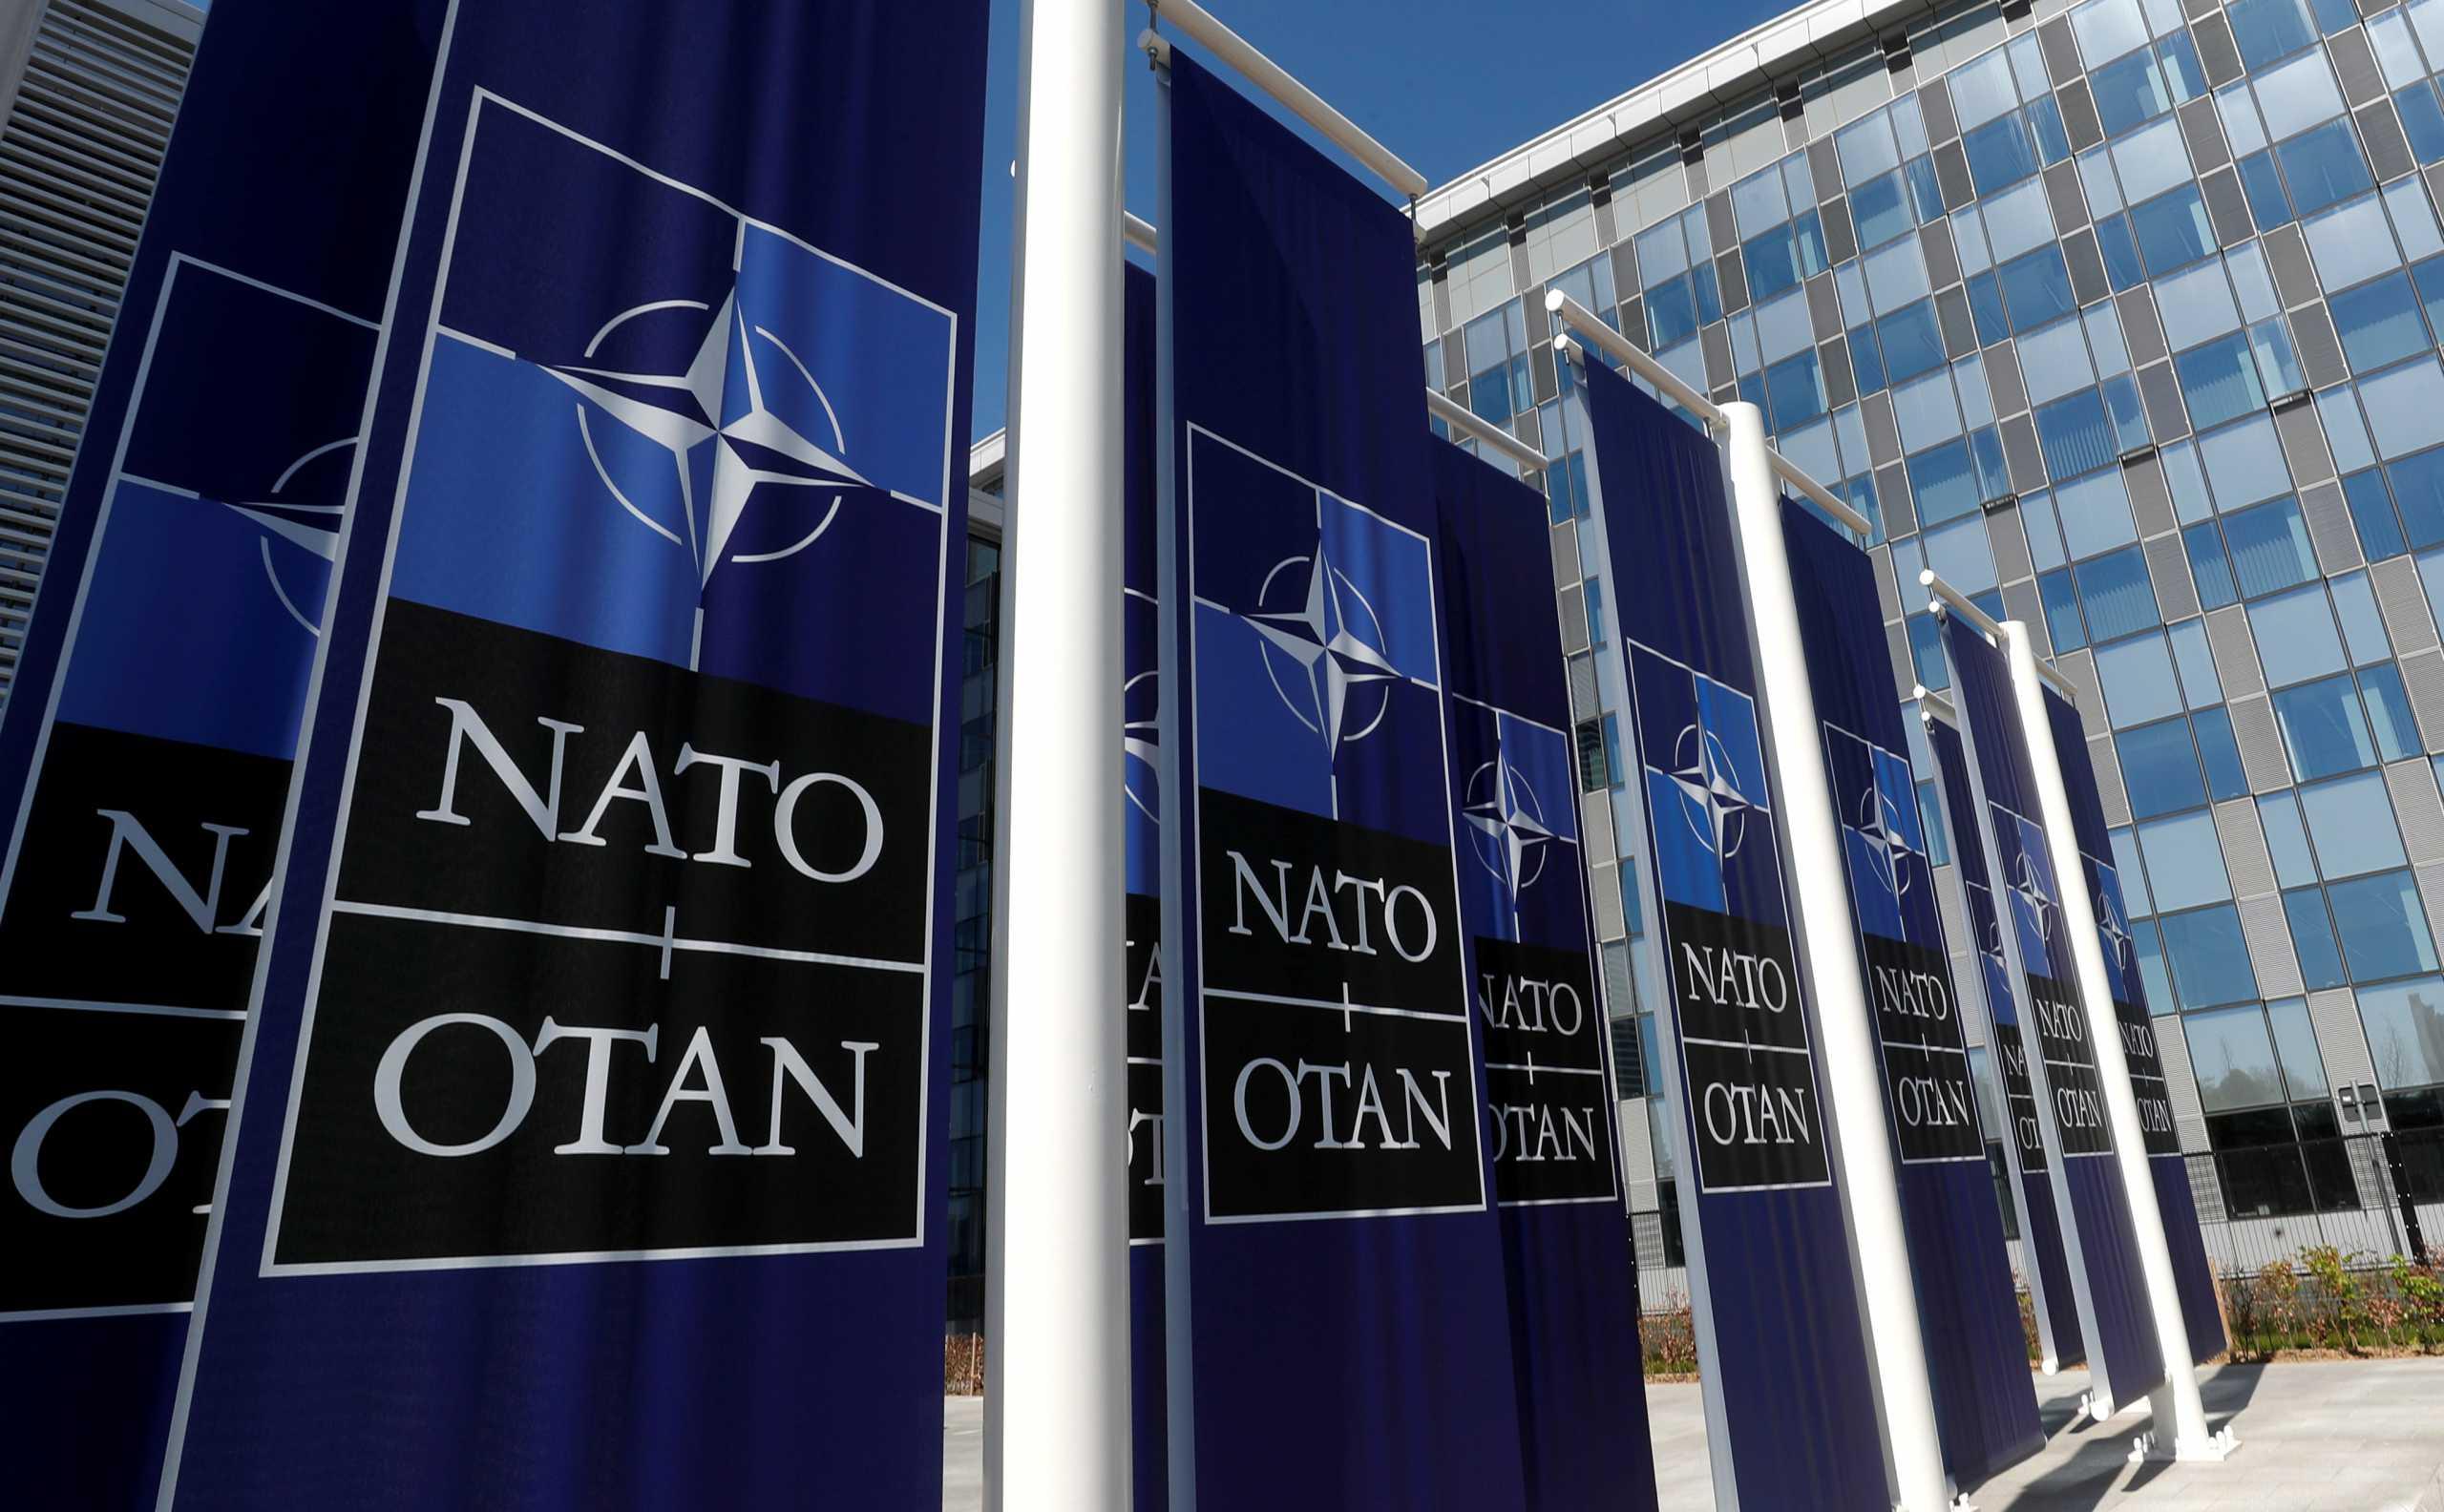 Ρωσία: Η ένταξη της Ουκρανίας στο ΝΑΤΟ θα «επιδεινώσει» την σύγκρουση στο ανατολικό τμήμα της χώρας